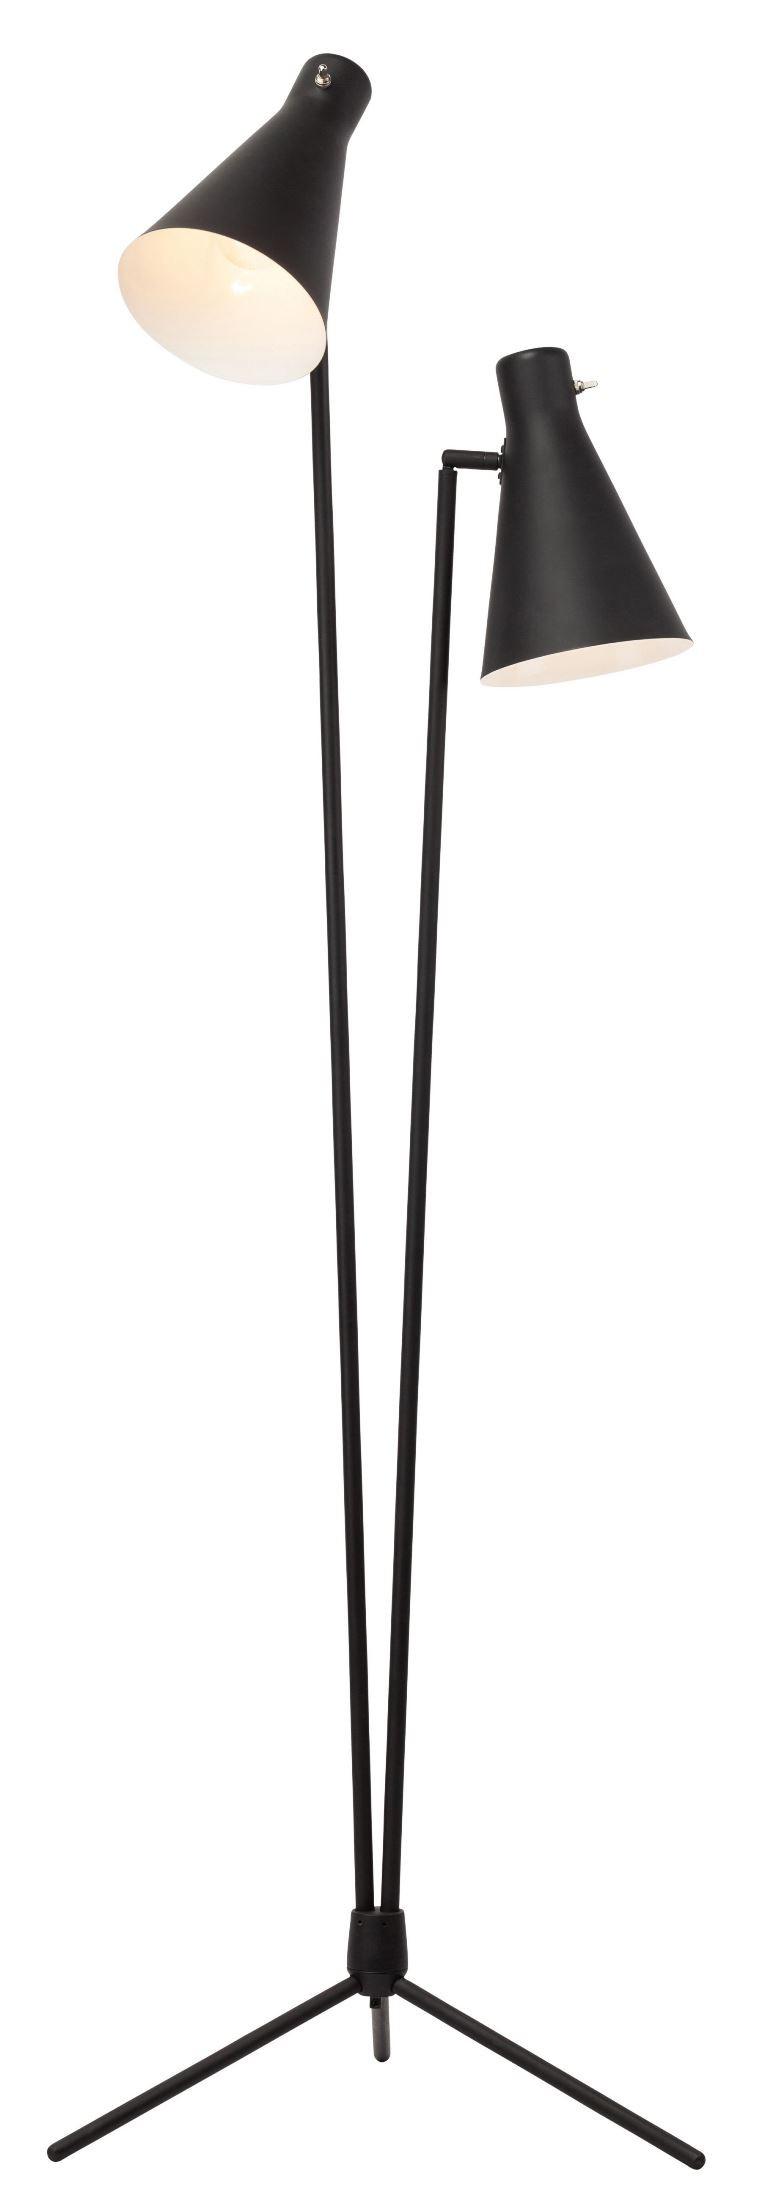 Thom Black Metal Floor Lamp from Nuevo